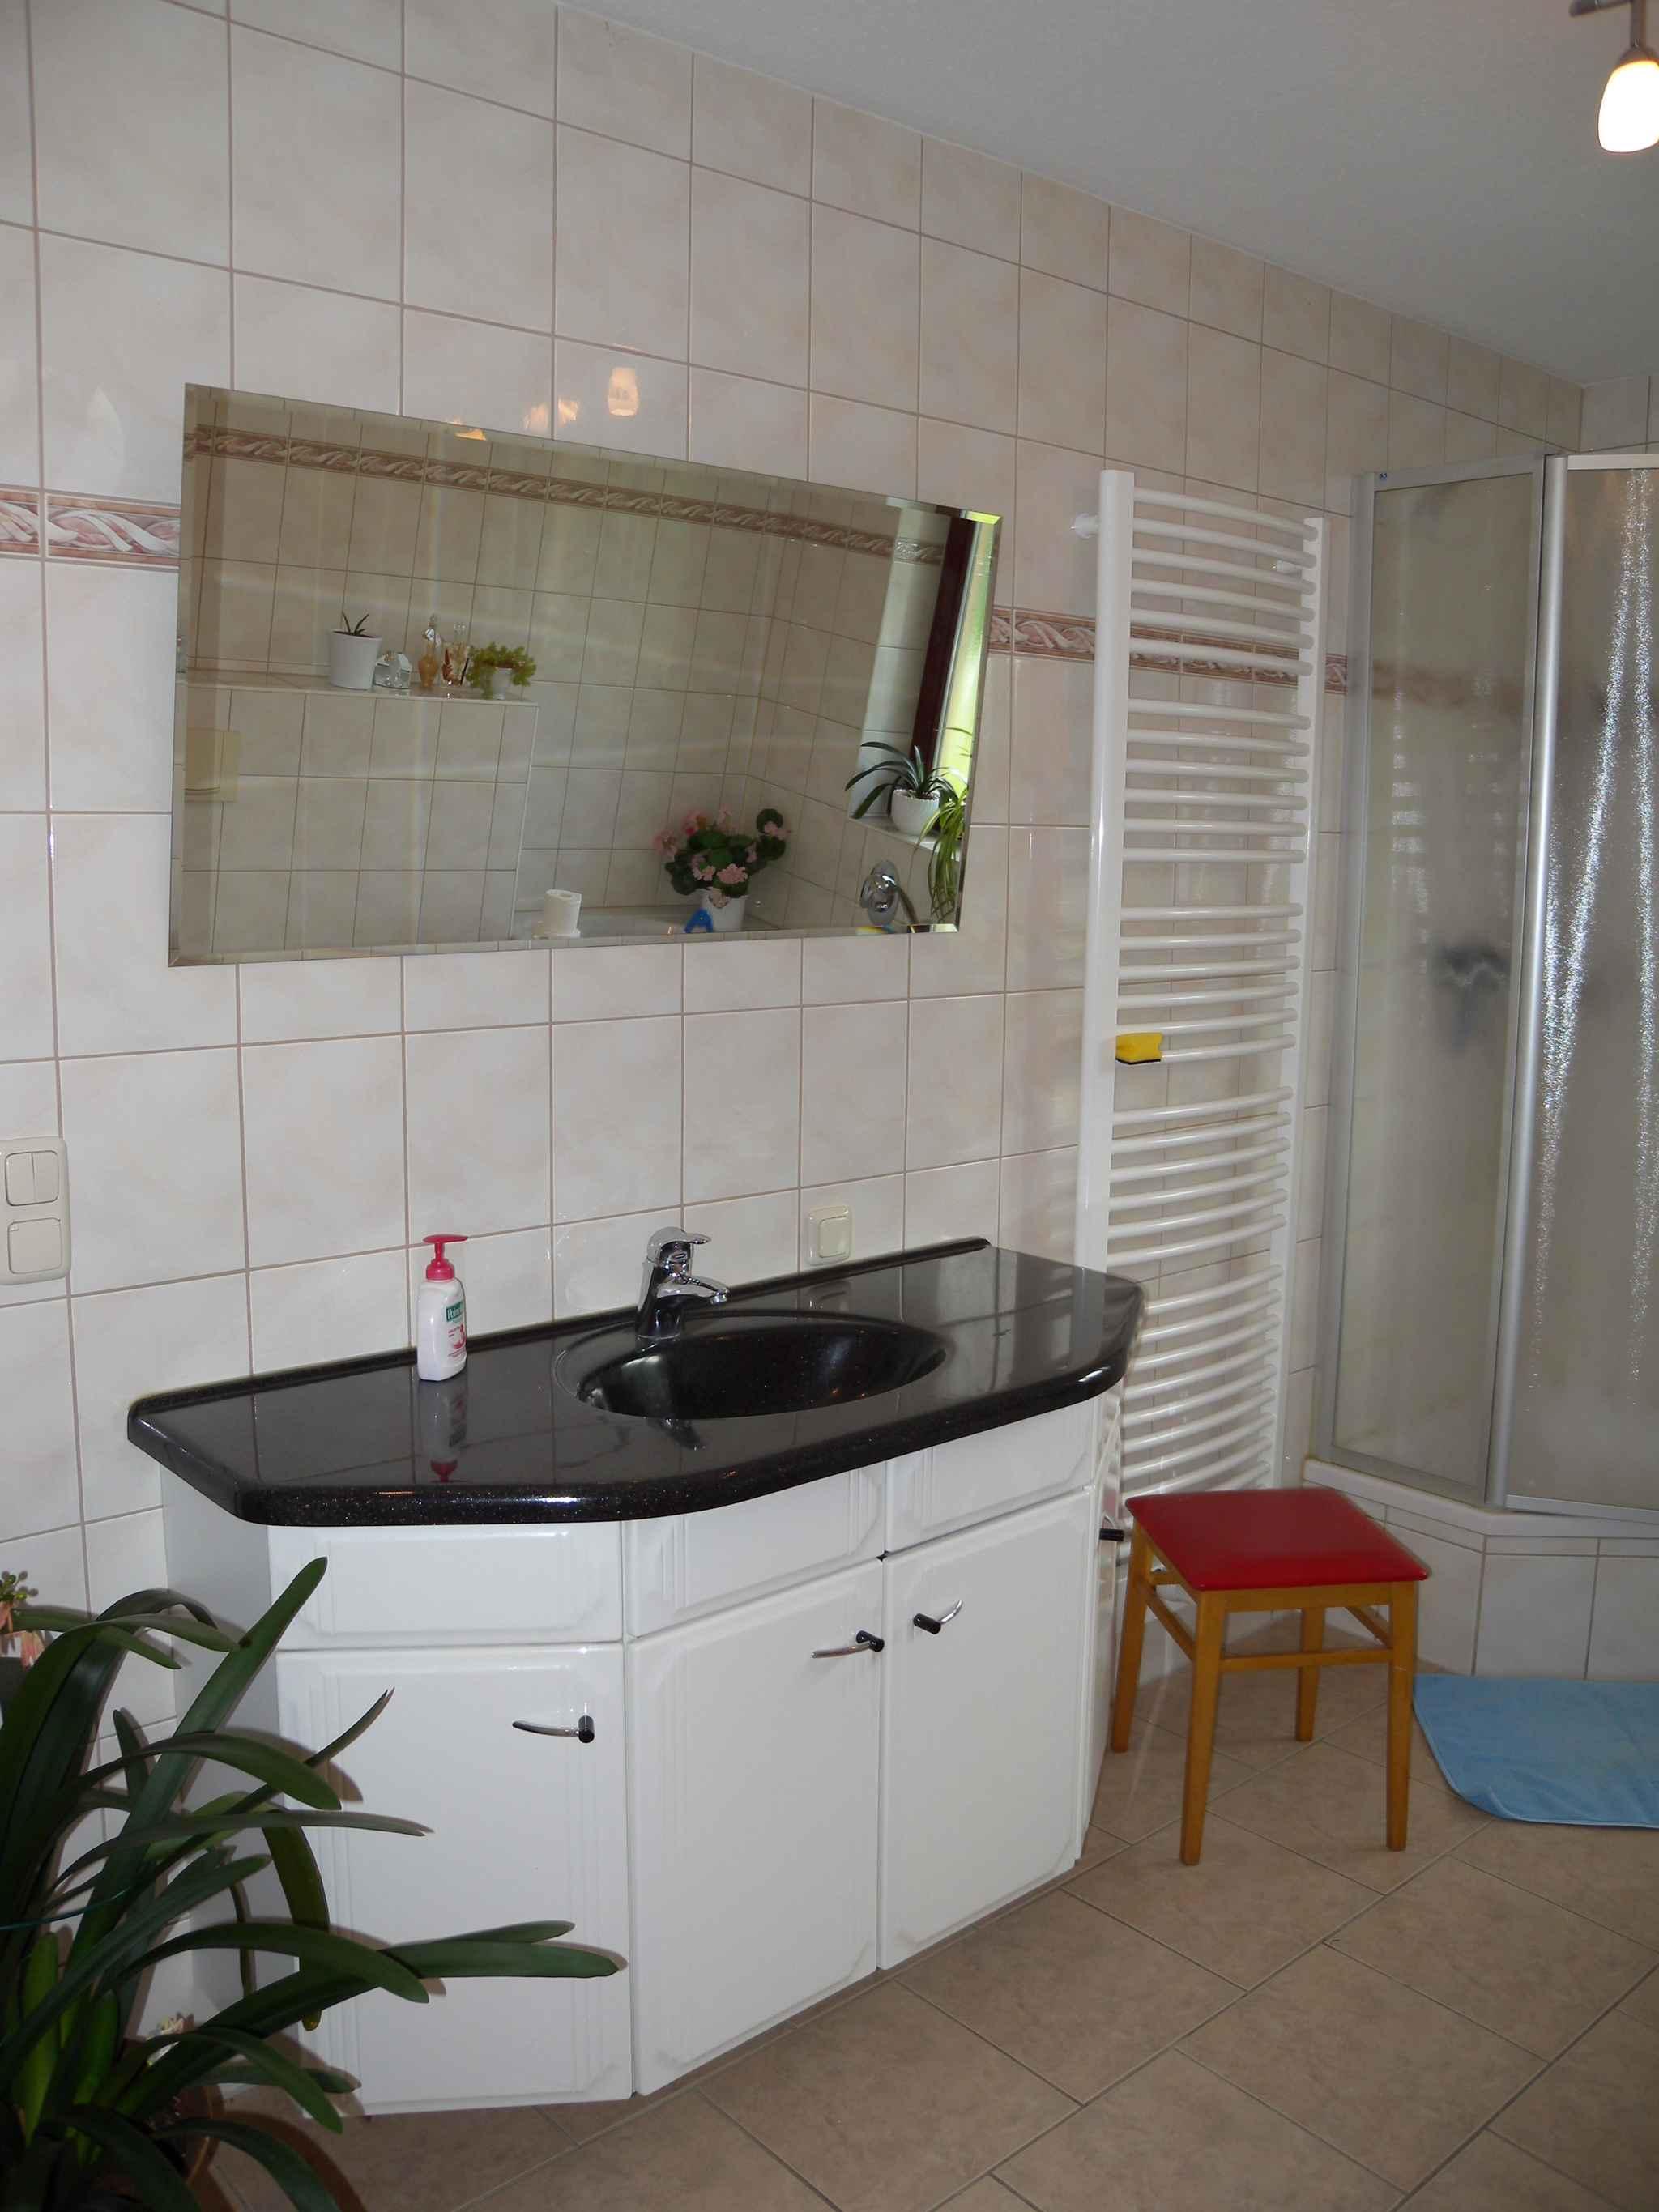 Ferienhaus Bungalow Ferienhaus mit Terrasse und Garten (358672), Bergen (Rügen), Rügen, Mecklenburg-Vorpommern, Deutschland, Bild 10